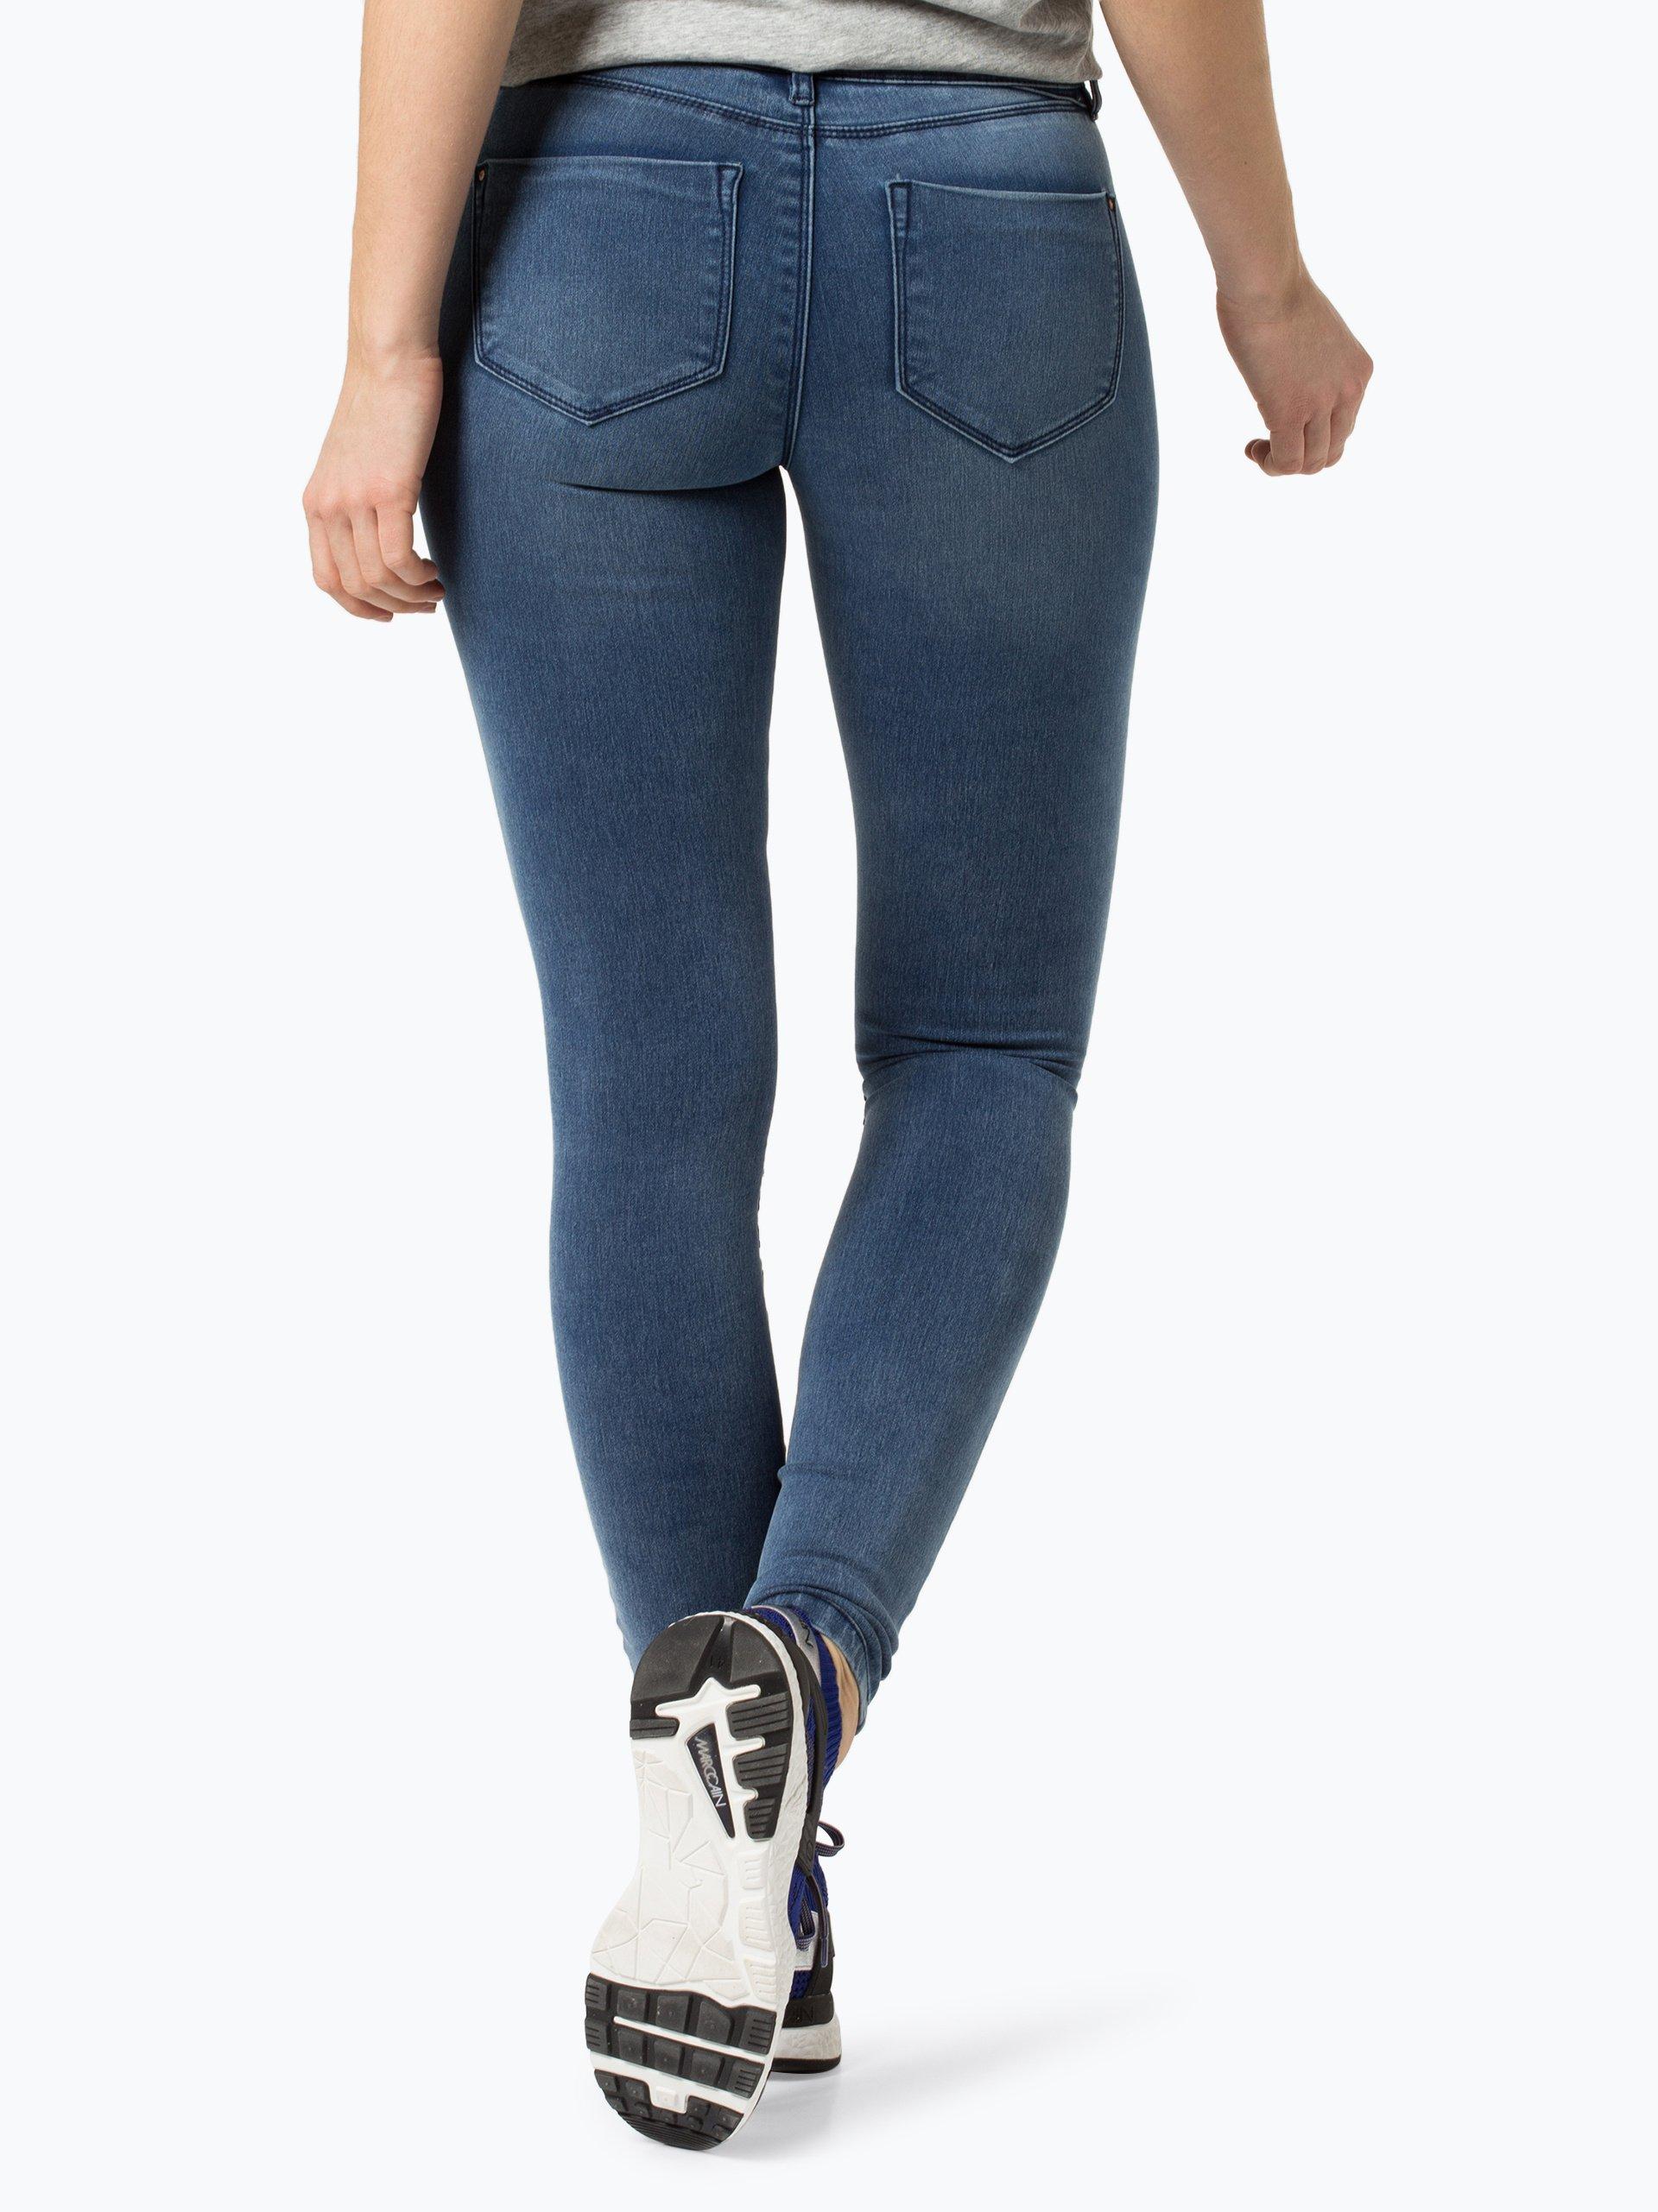 ONLY Damen Jeans - Royal